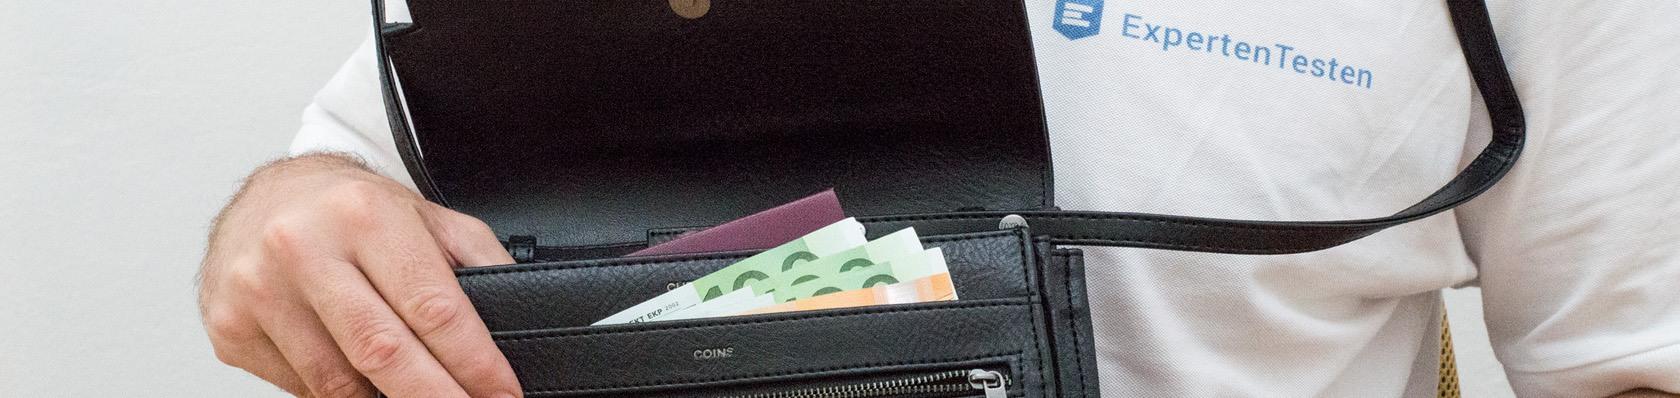 Reisetaschen im Test auf ExpertenTesten.de